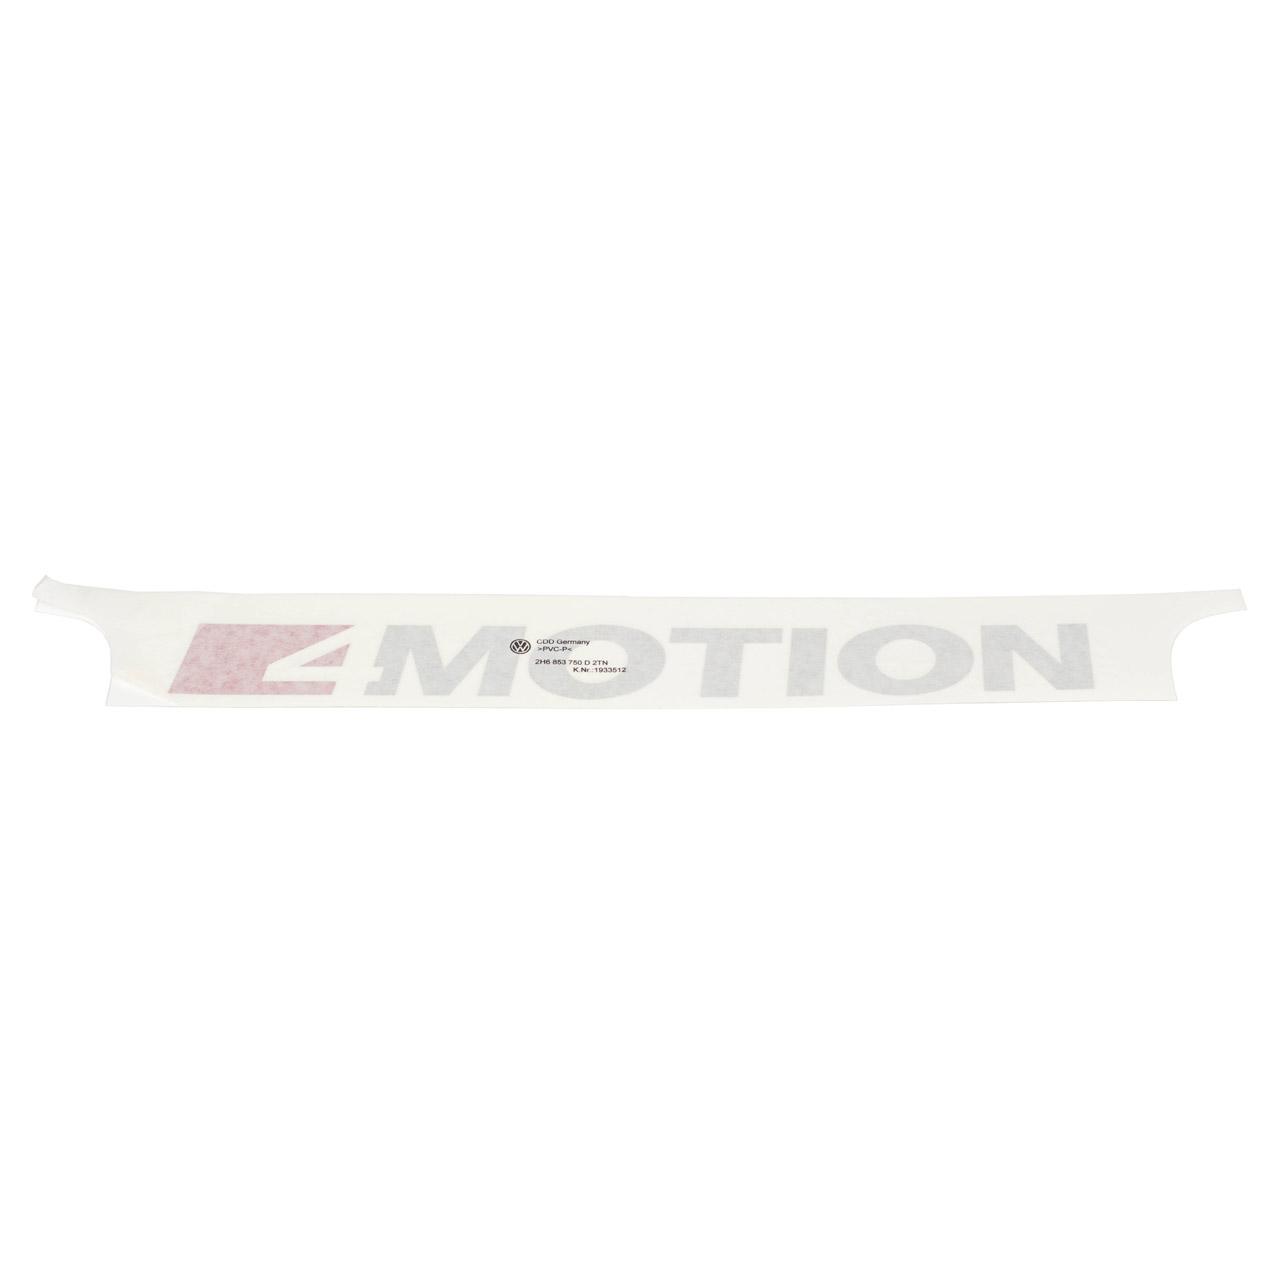 2x ORIGINAL VW Schriftzug 4 Motion Tornadorot Reflexsilber Amarok hinten 2H6853750D 2TN